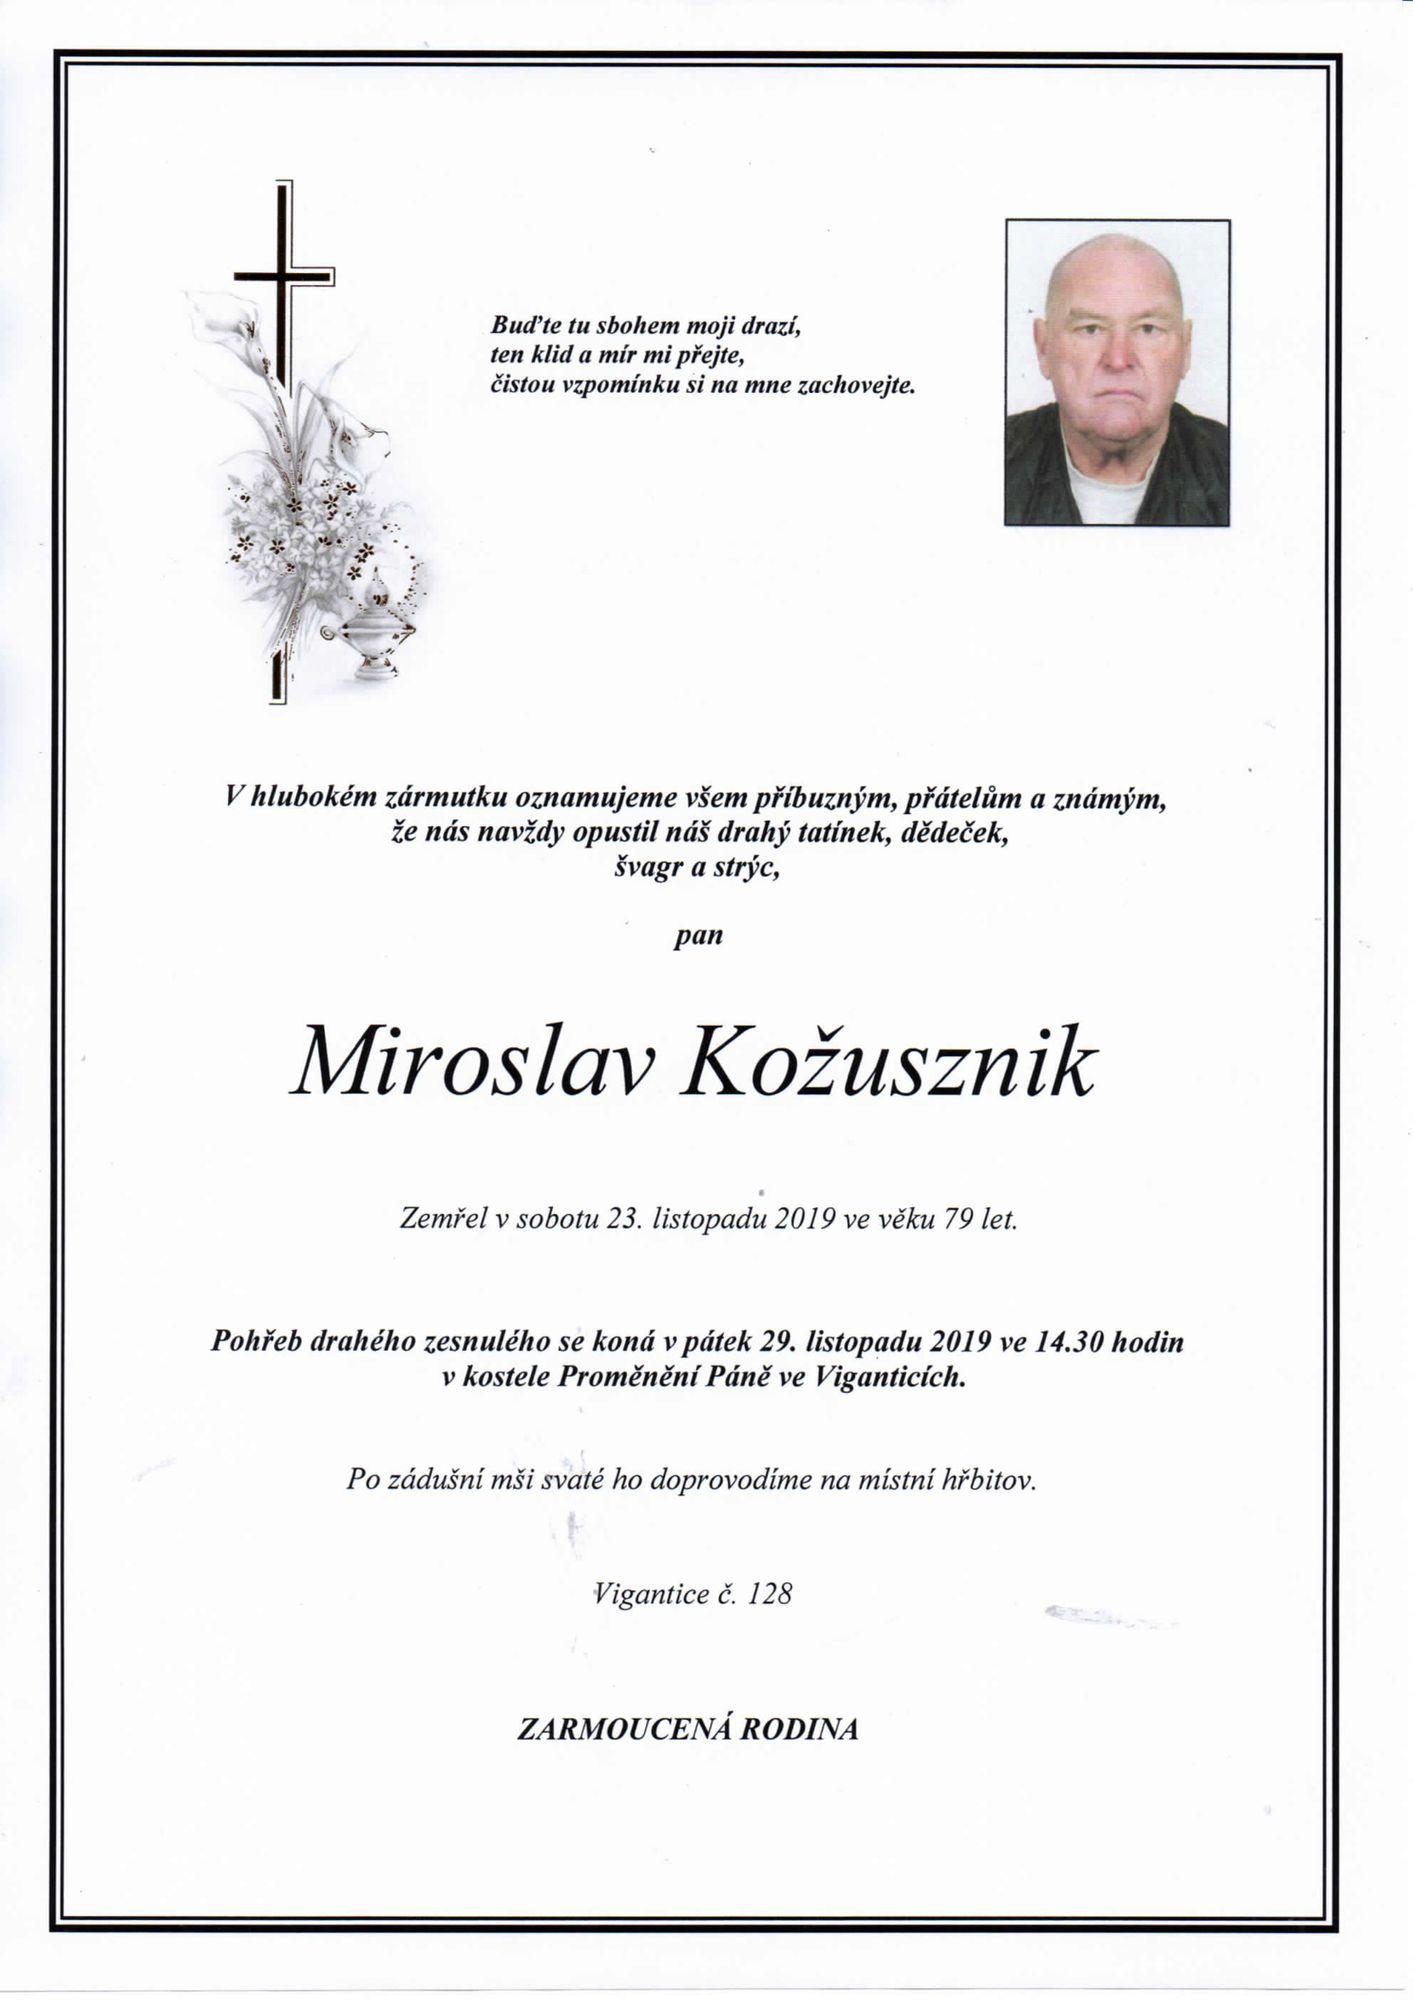 Miroslav Kožusznik